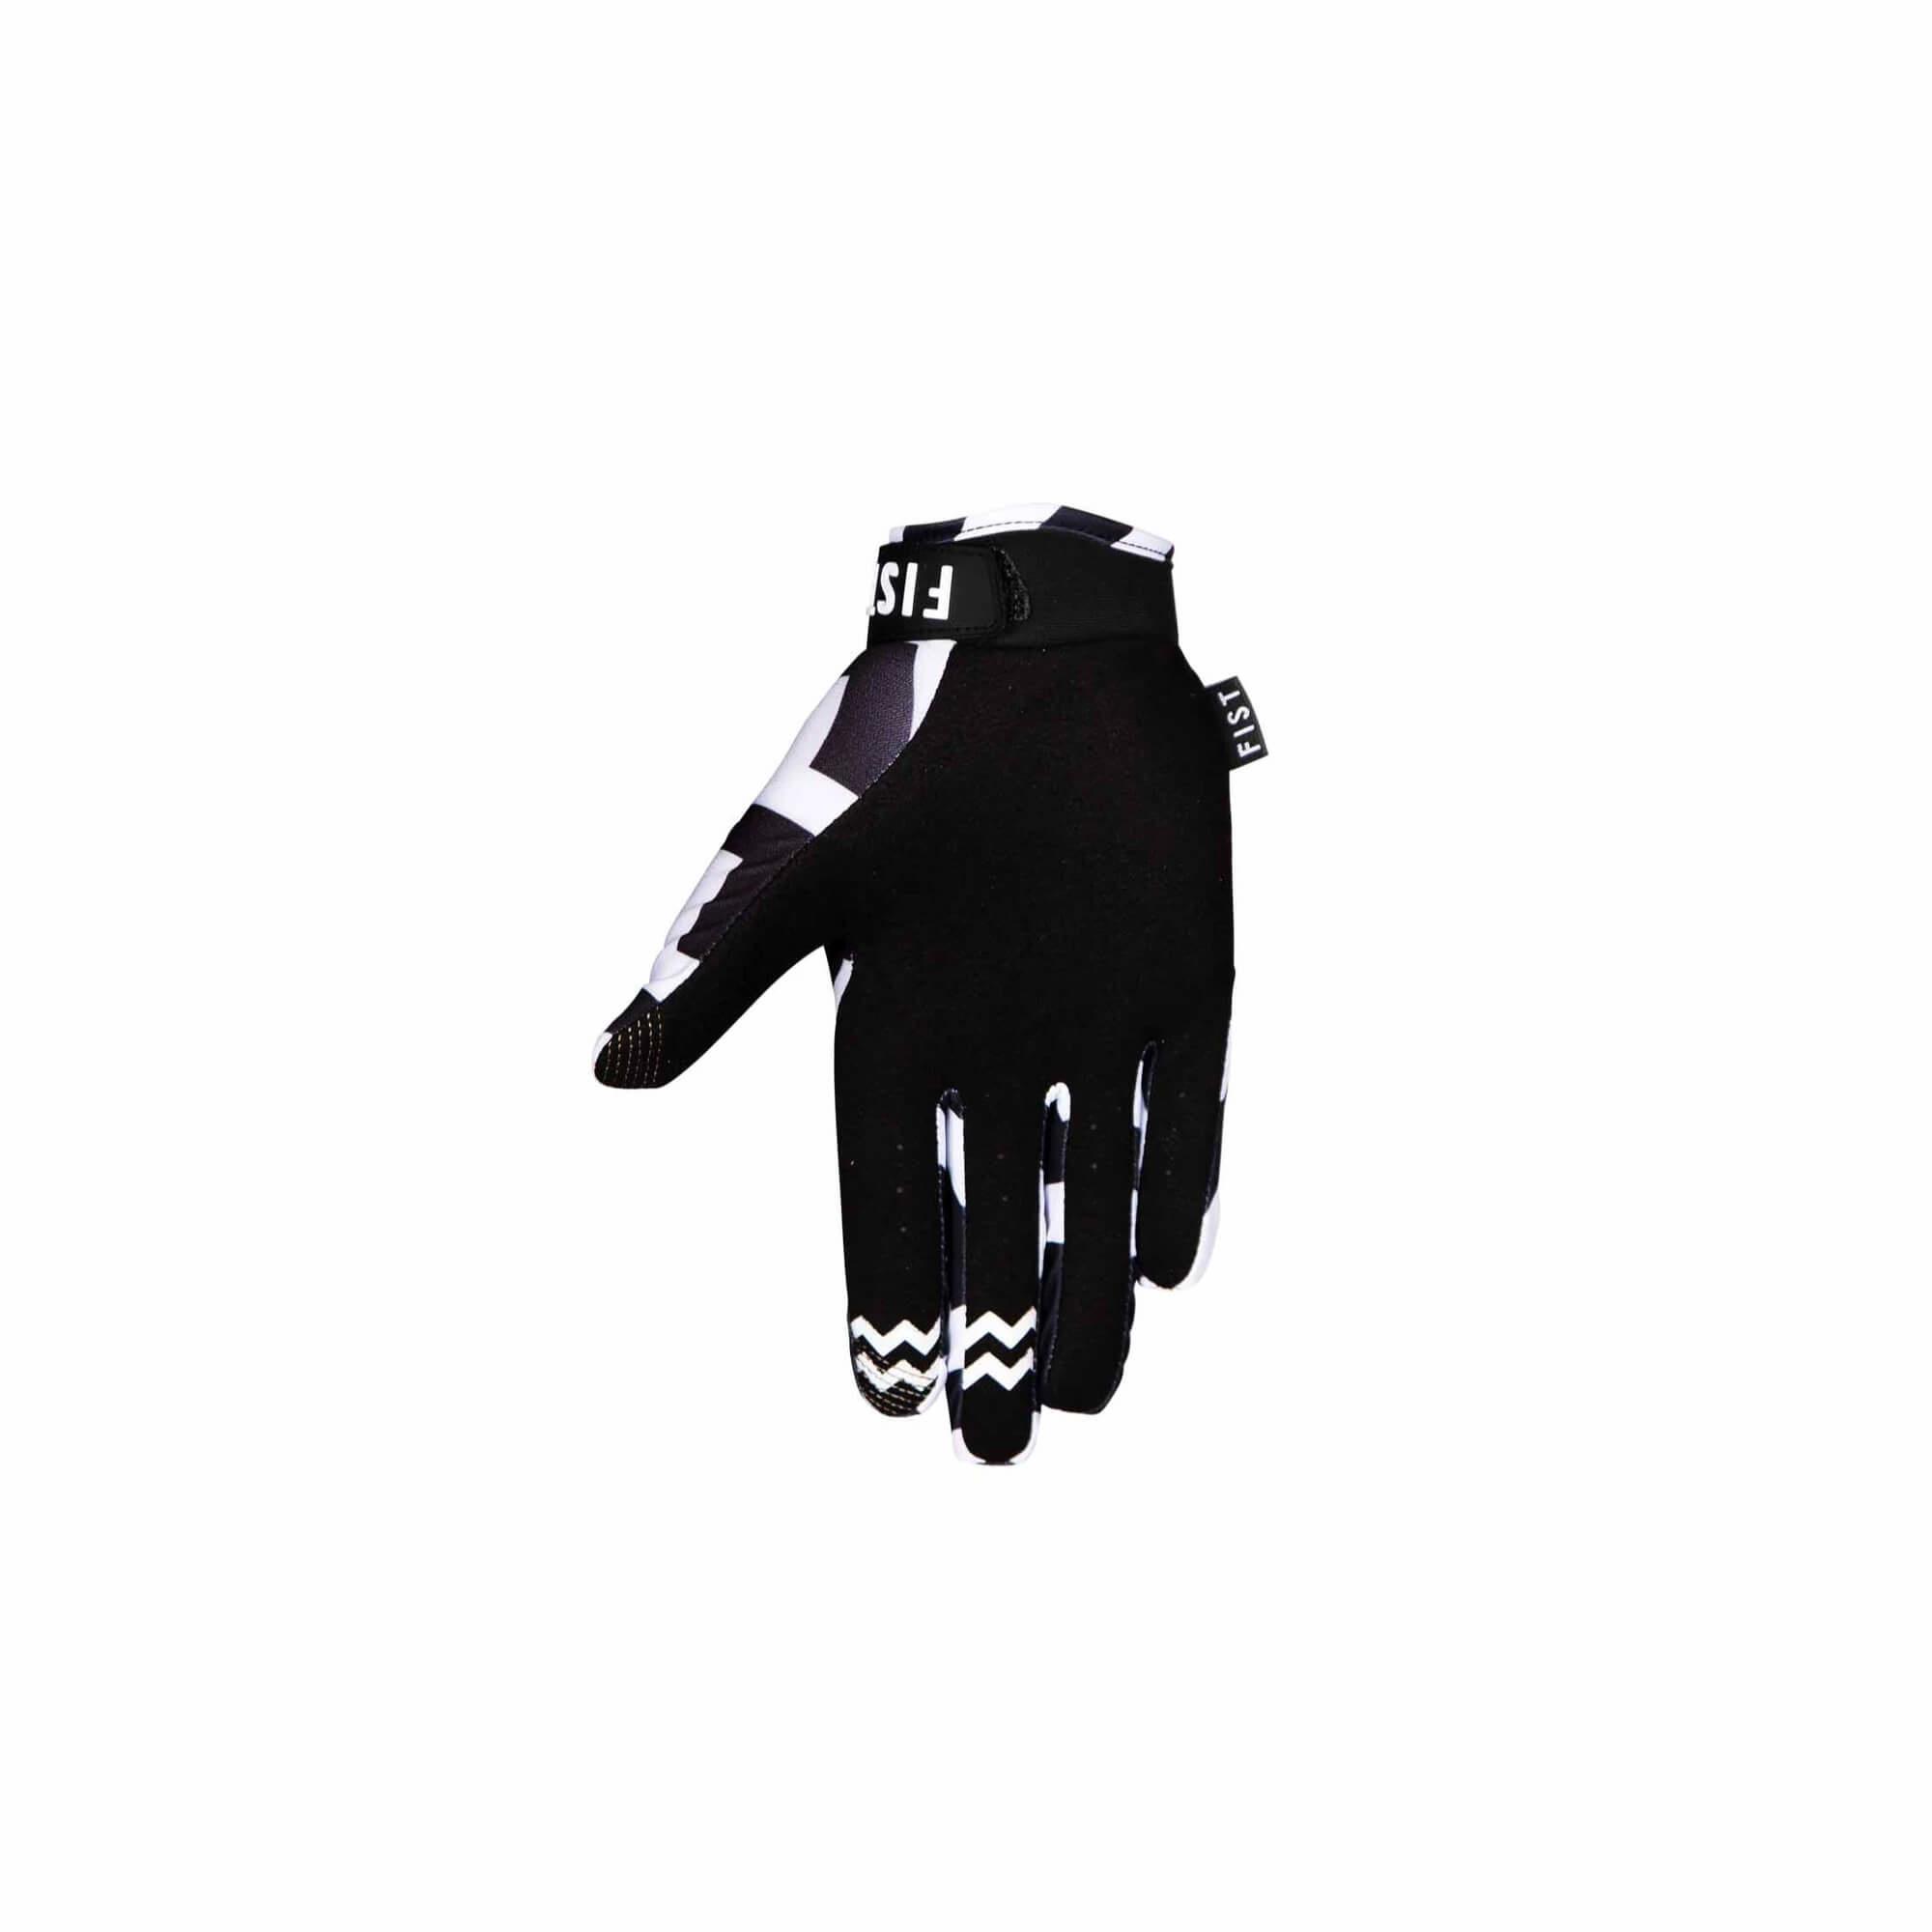 Blackzag Gloves-2